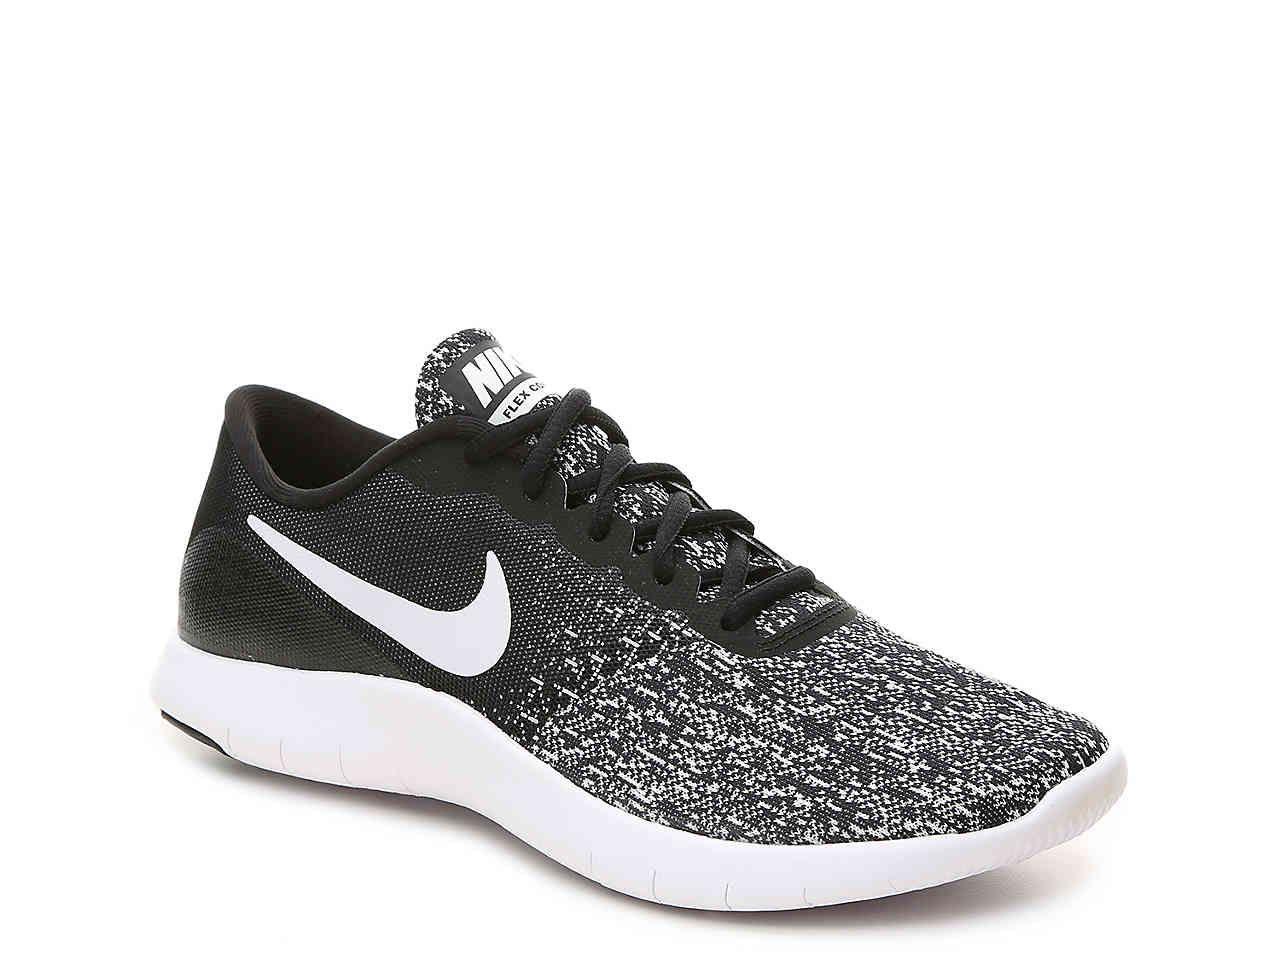 a684d85ab5e1 Flex Contact Lightweight Running Shoe - Women s